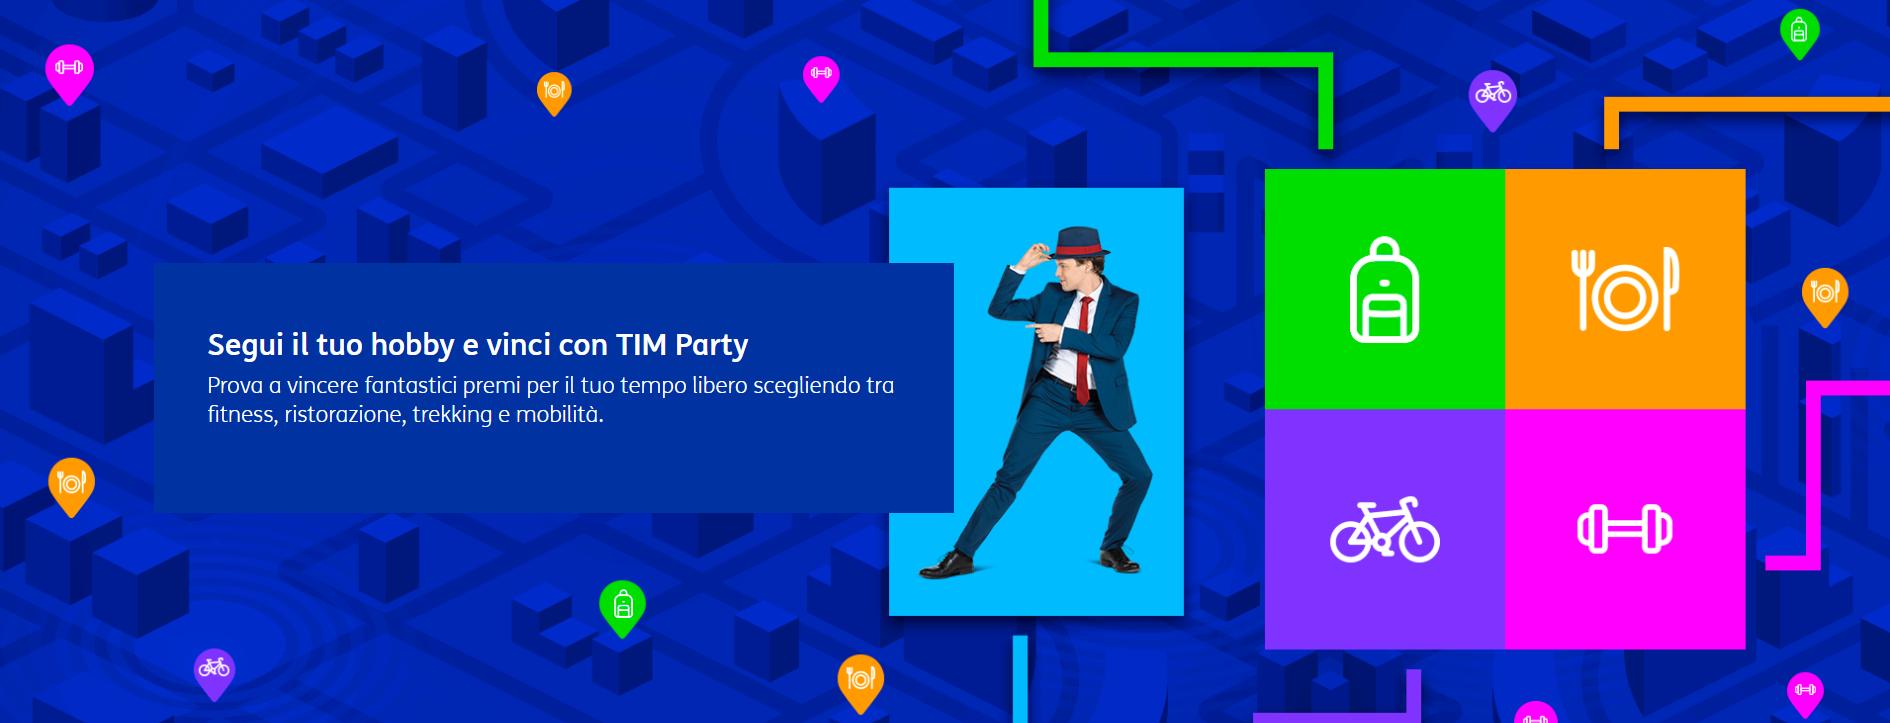 tim party concorso premi